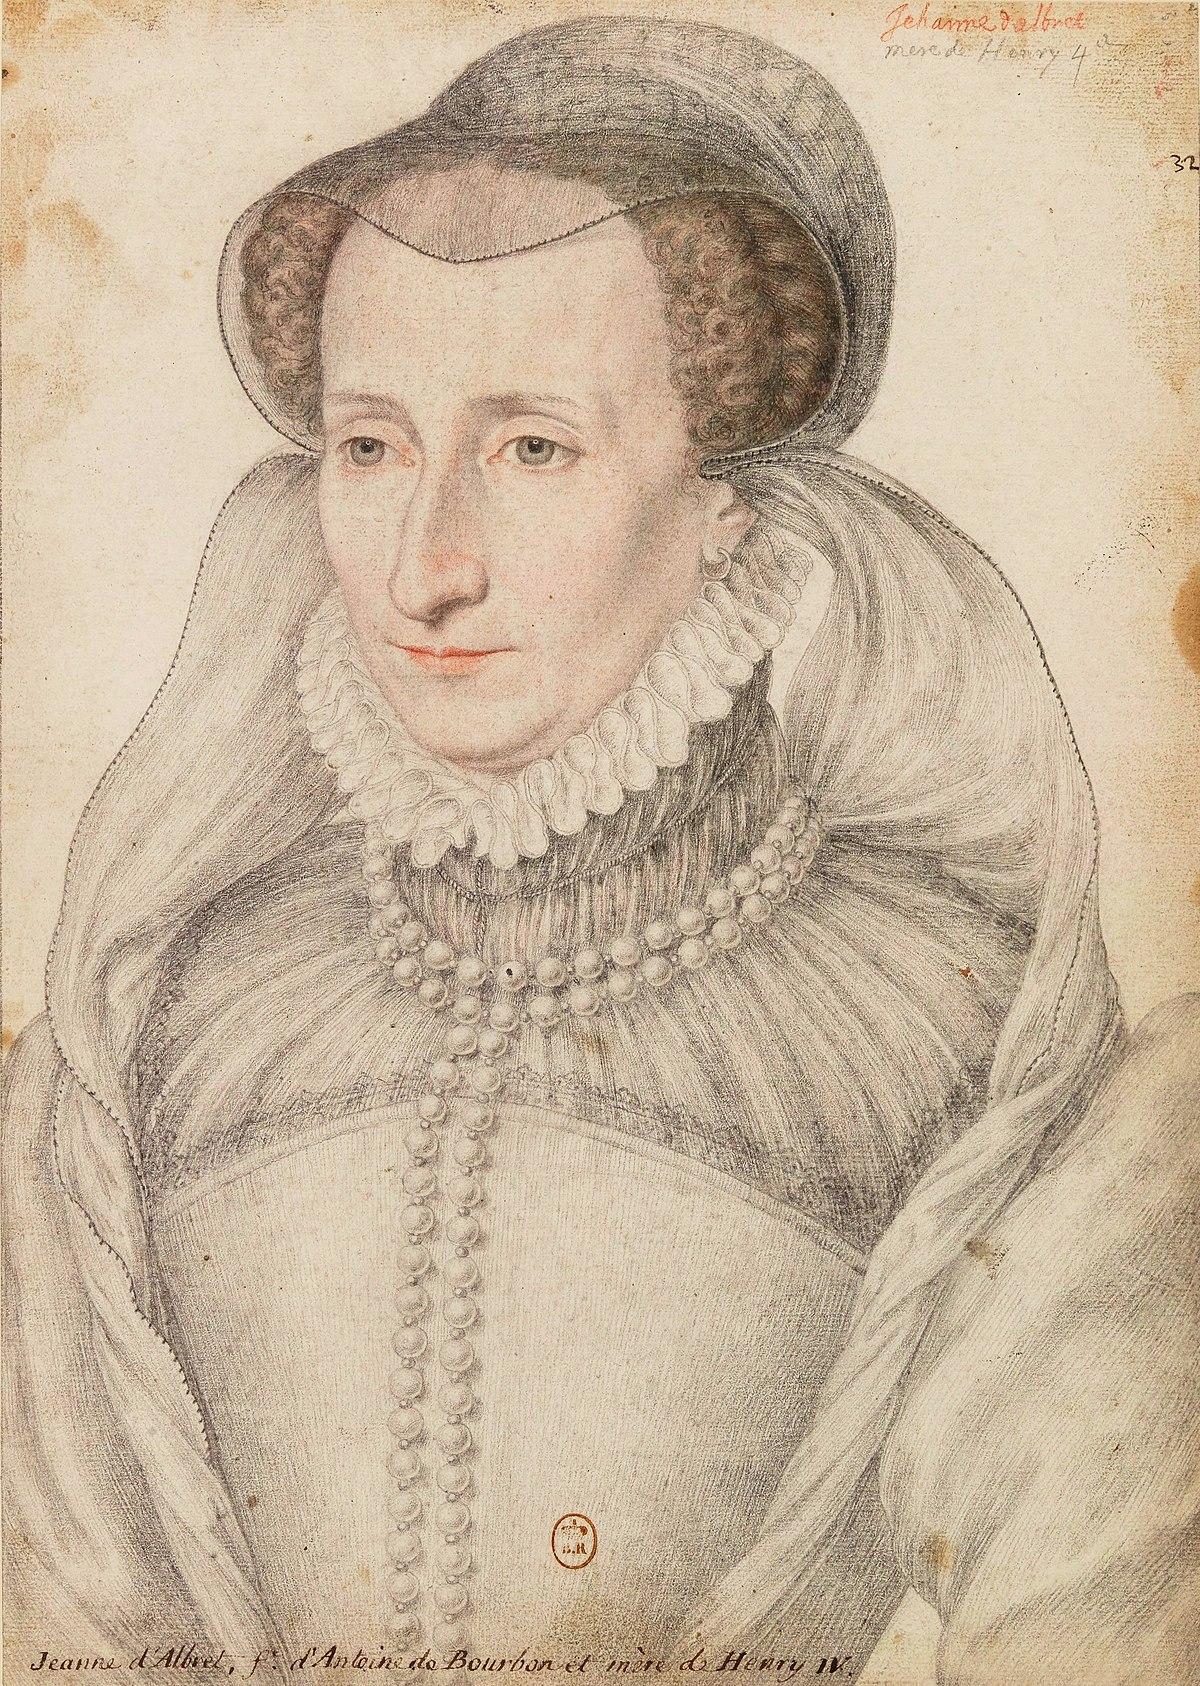 Jeanne d'Albret - Wikipedia